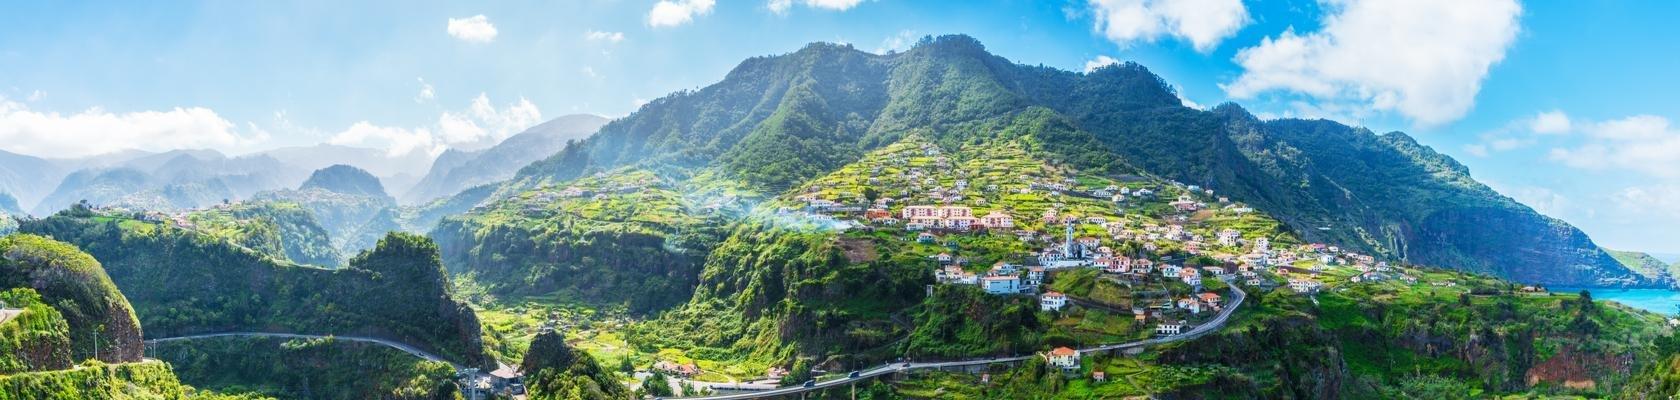 De groene noordkust van Madeira